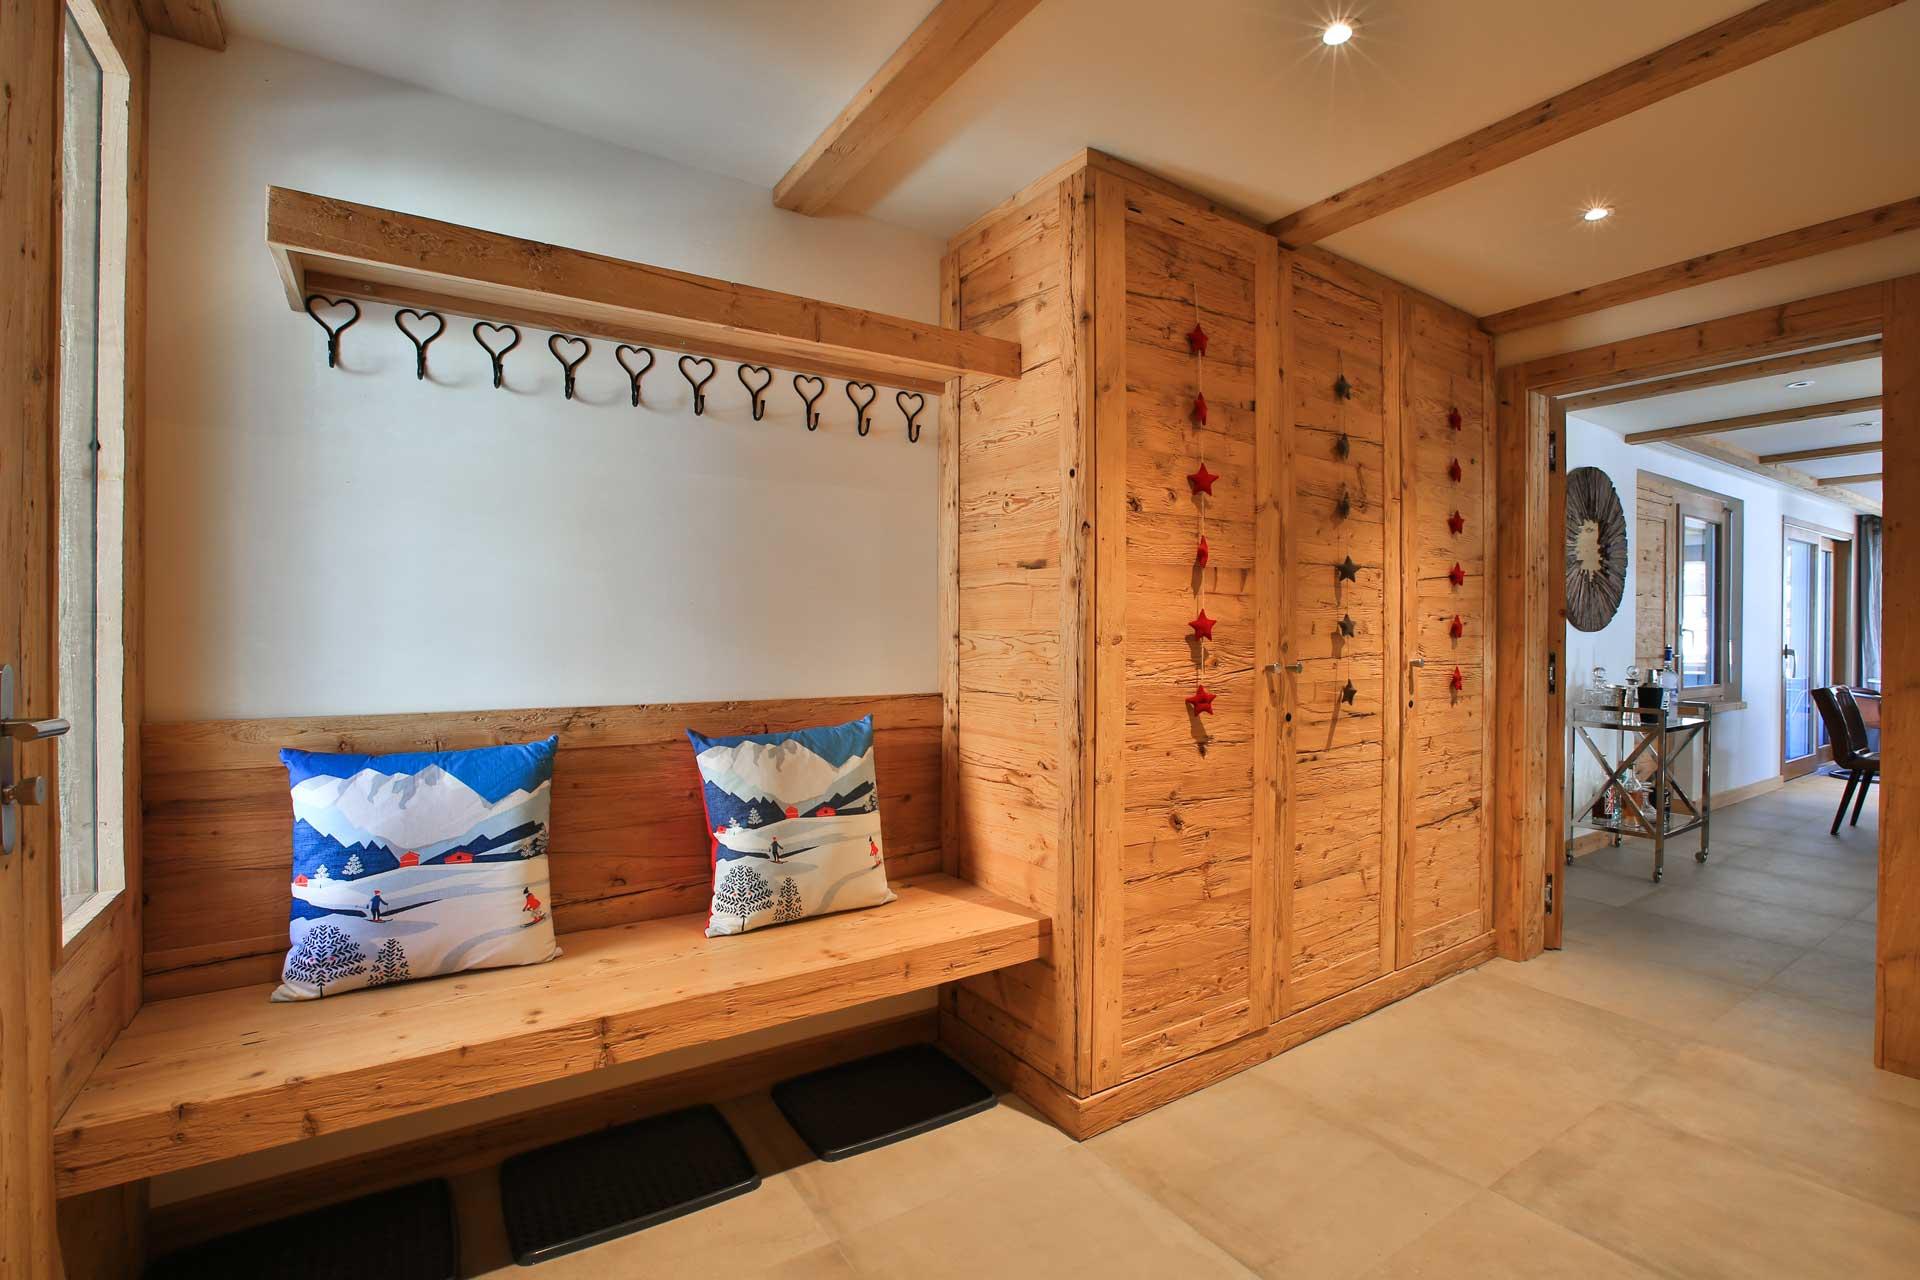 Luxus Appartement Chalet Khione Saas-Fee - Eingangsbereich